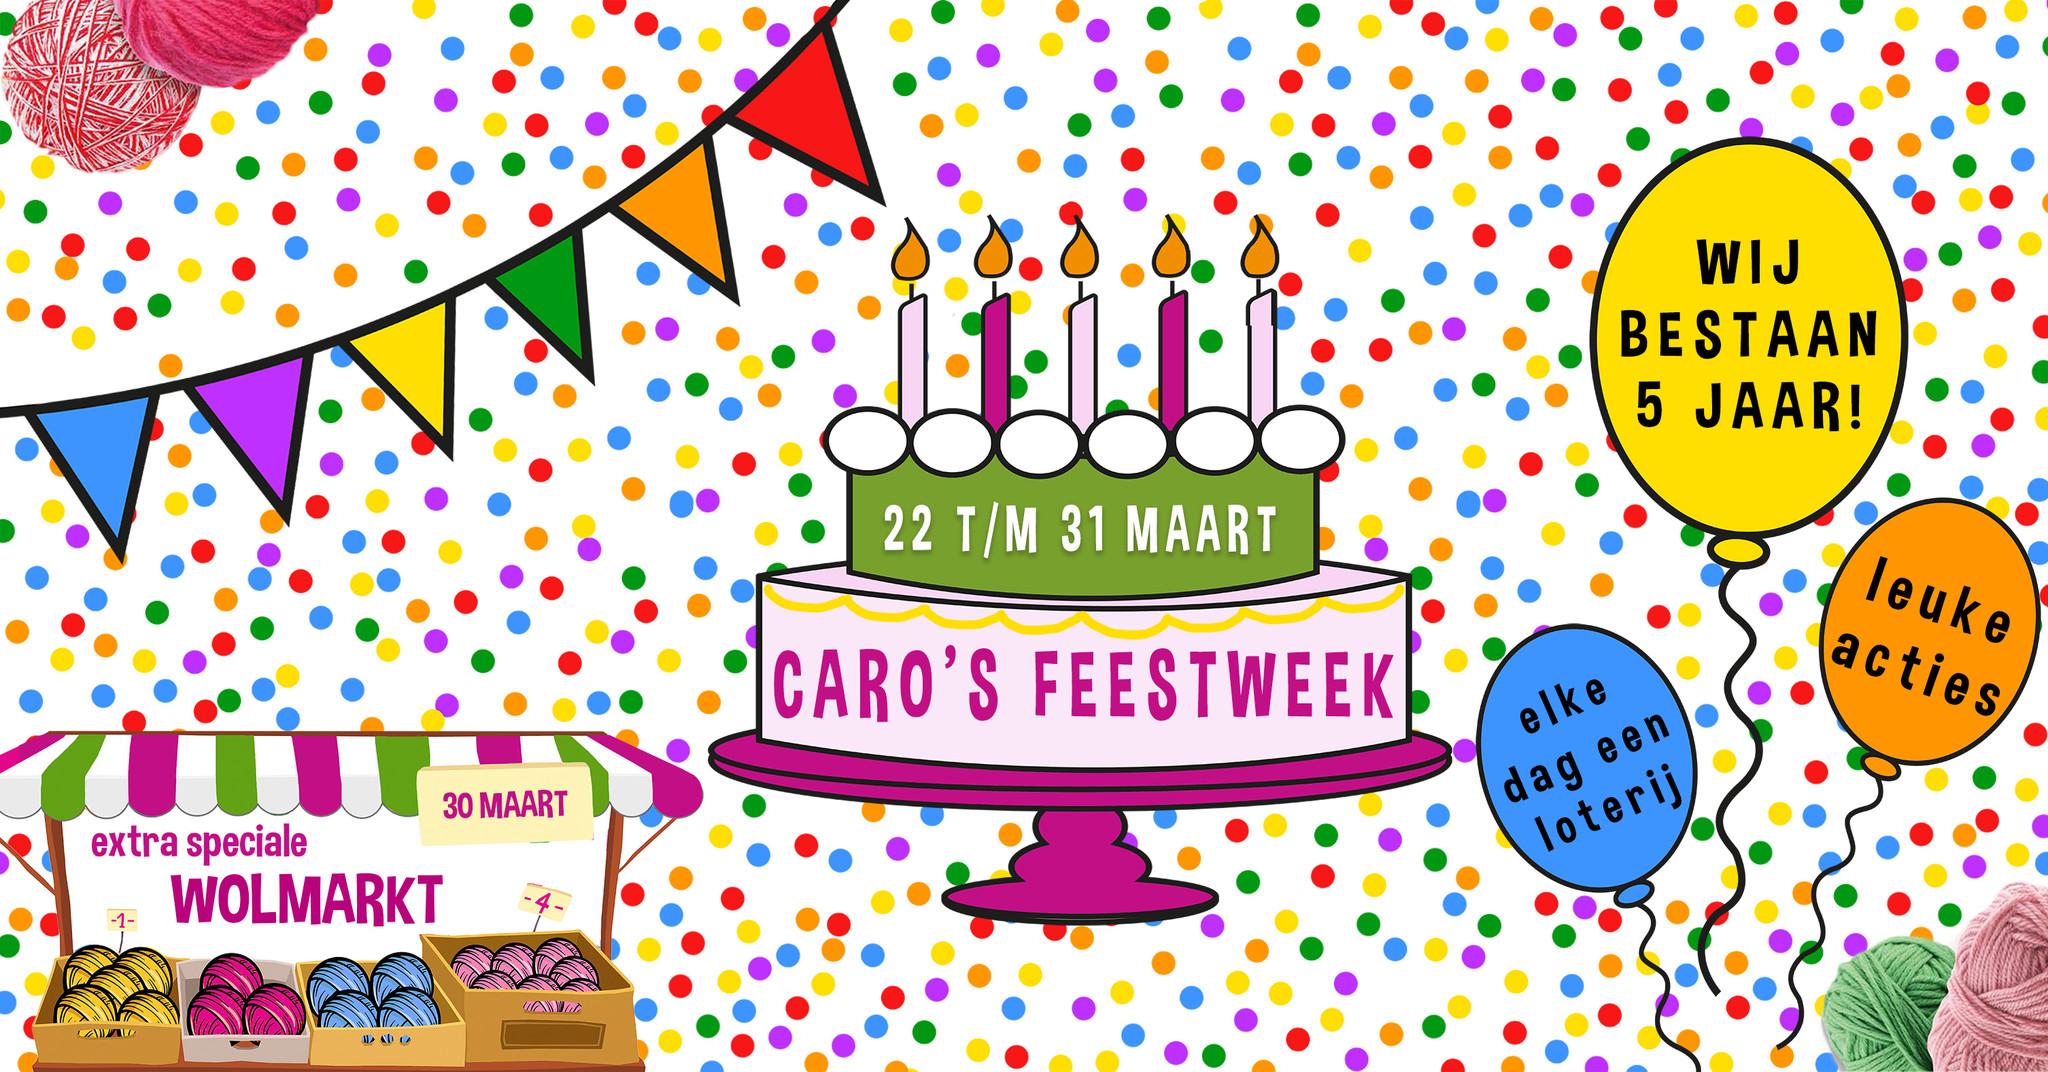 Feestweek: wij bestaan 5 jaar!